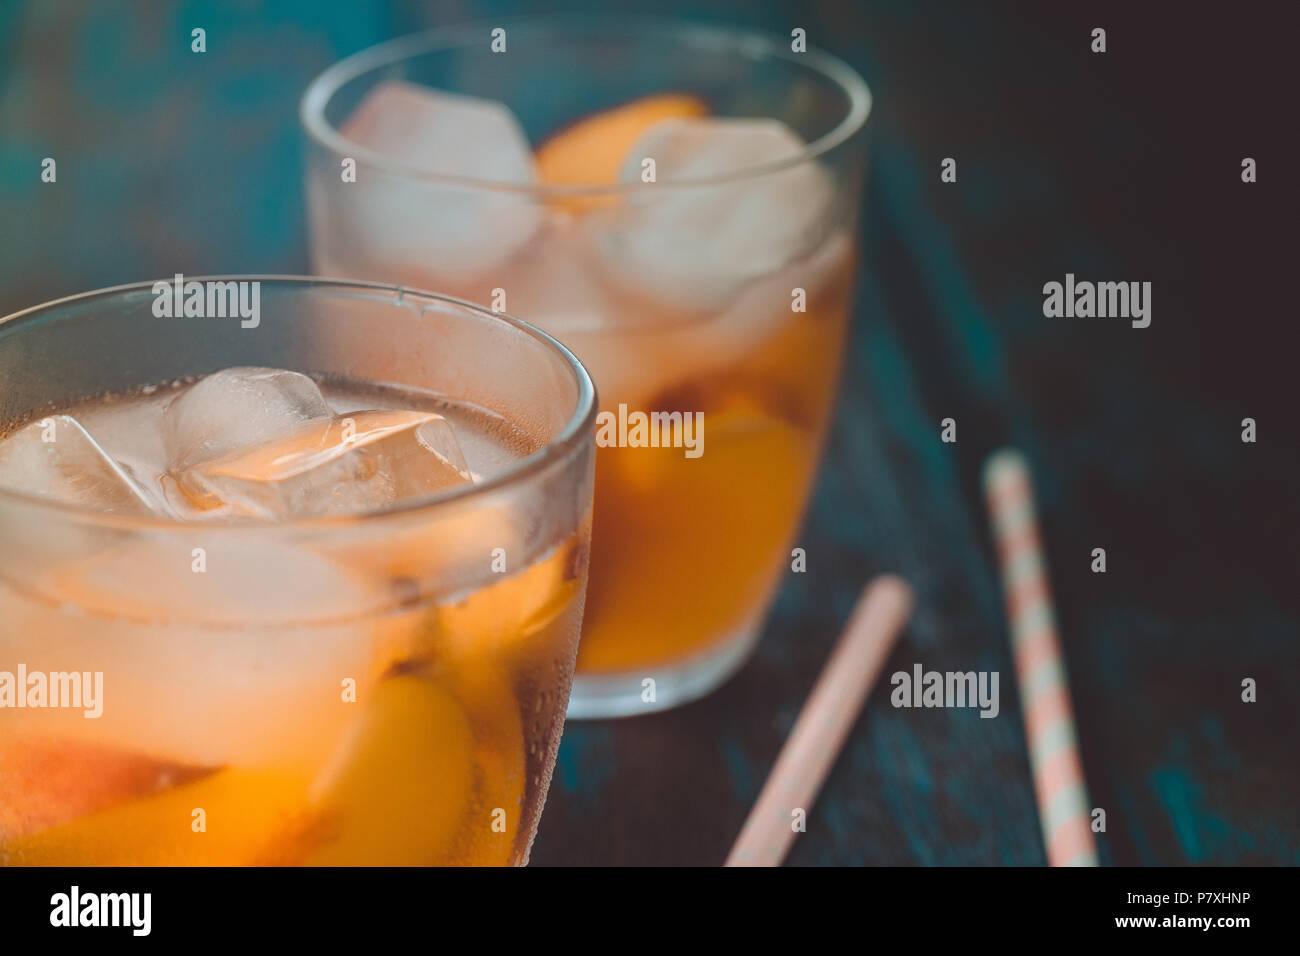 Peach aperol spritz con fette di pesca sulla scrivania in legno. Cocktail estivo. Freddo pesca limonata. Immagini Stock